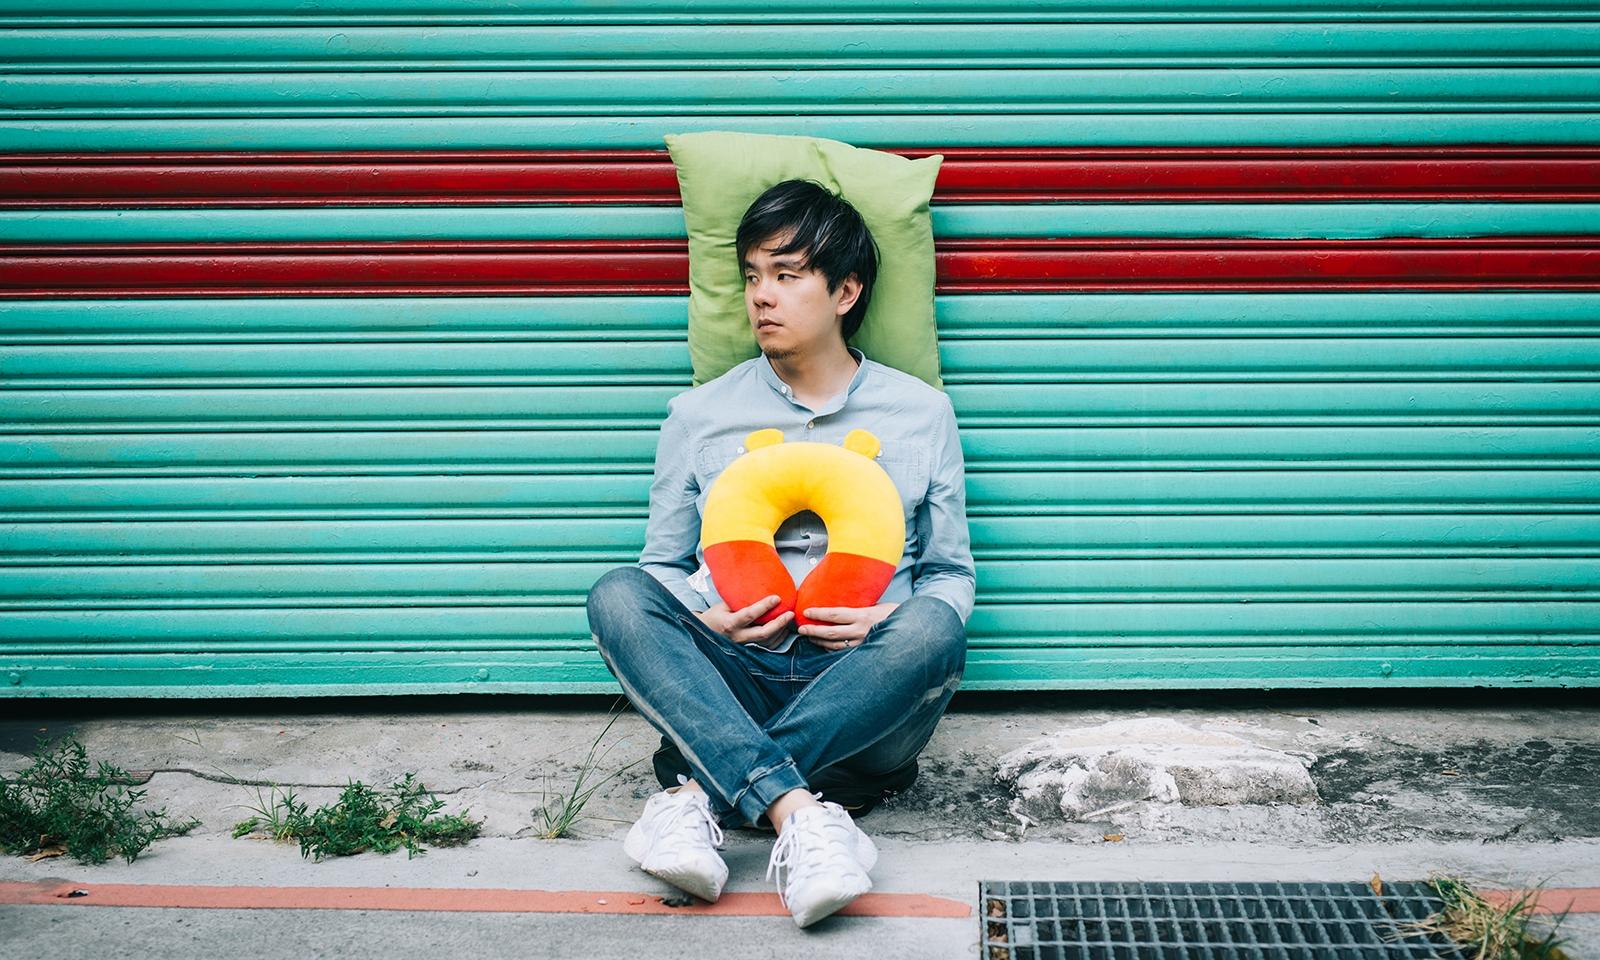 後休刊生活| 愛著愛著就永遠,陳玠安的音樂雜誌之路